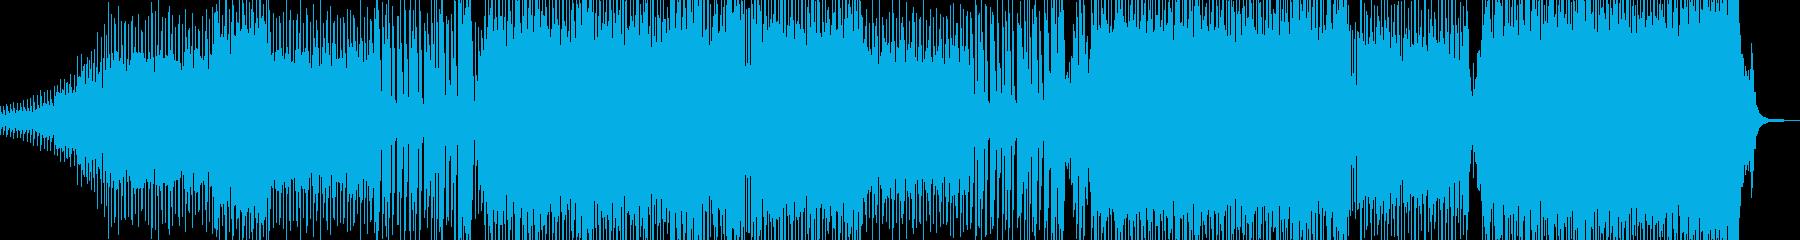 弾けるストリングス・爽快なEDM Aの再生済みの波形